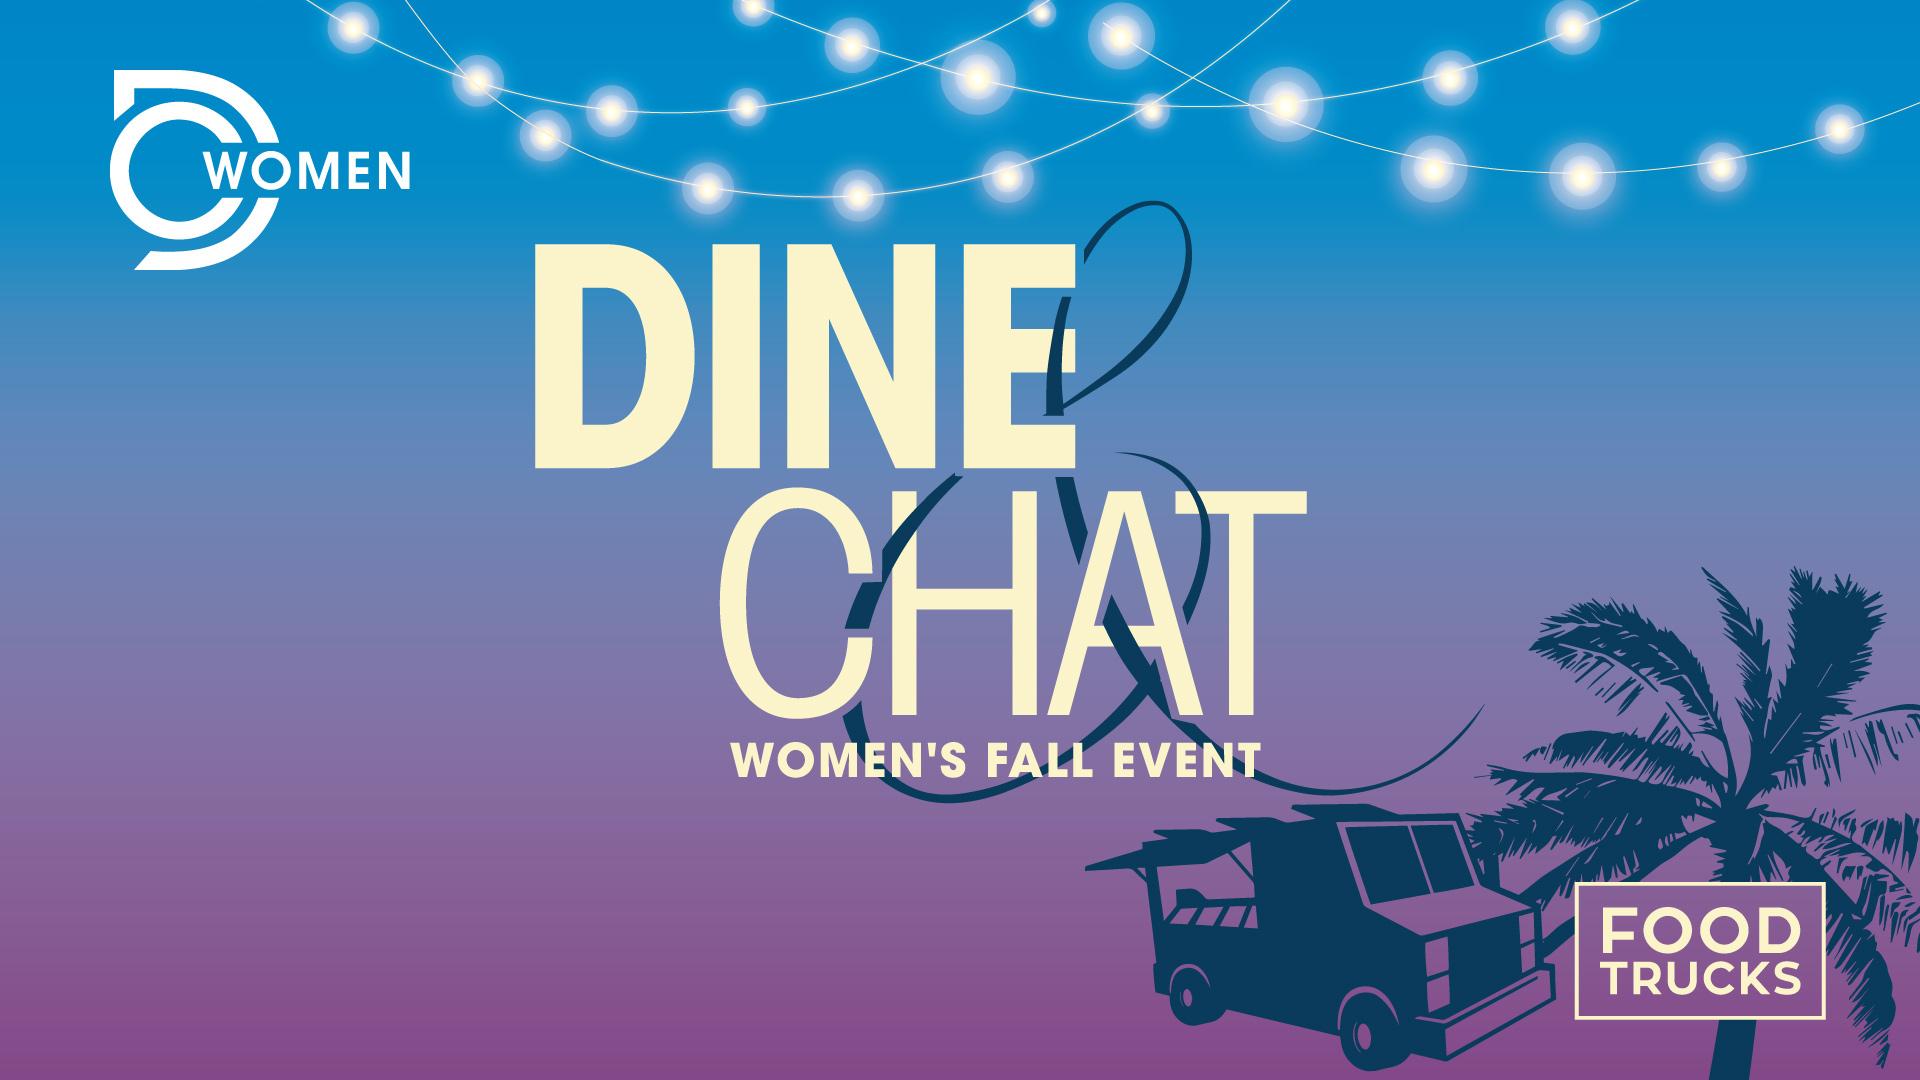 Dine chat slide 1920x1080 title